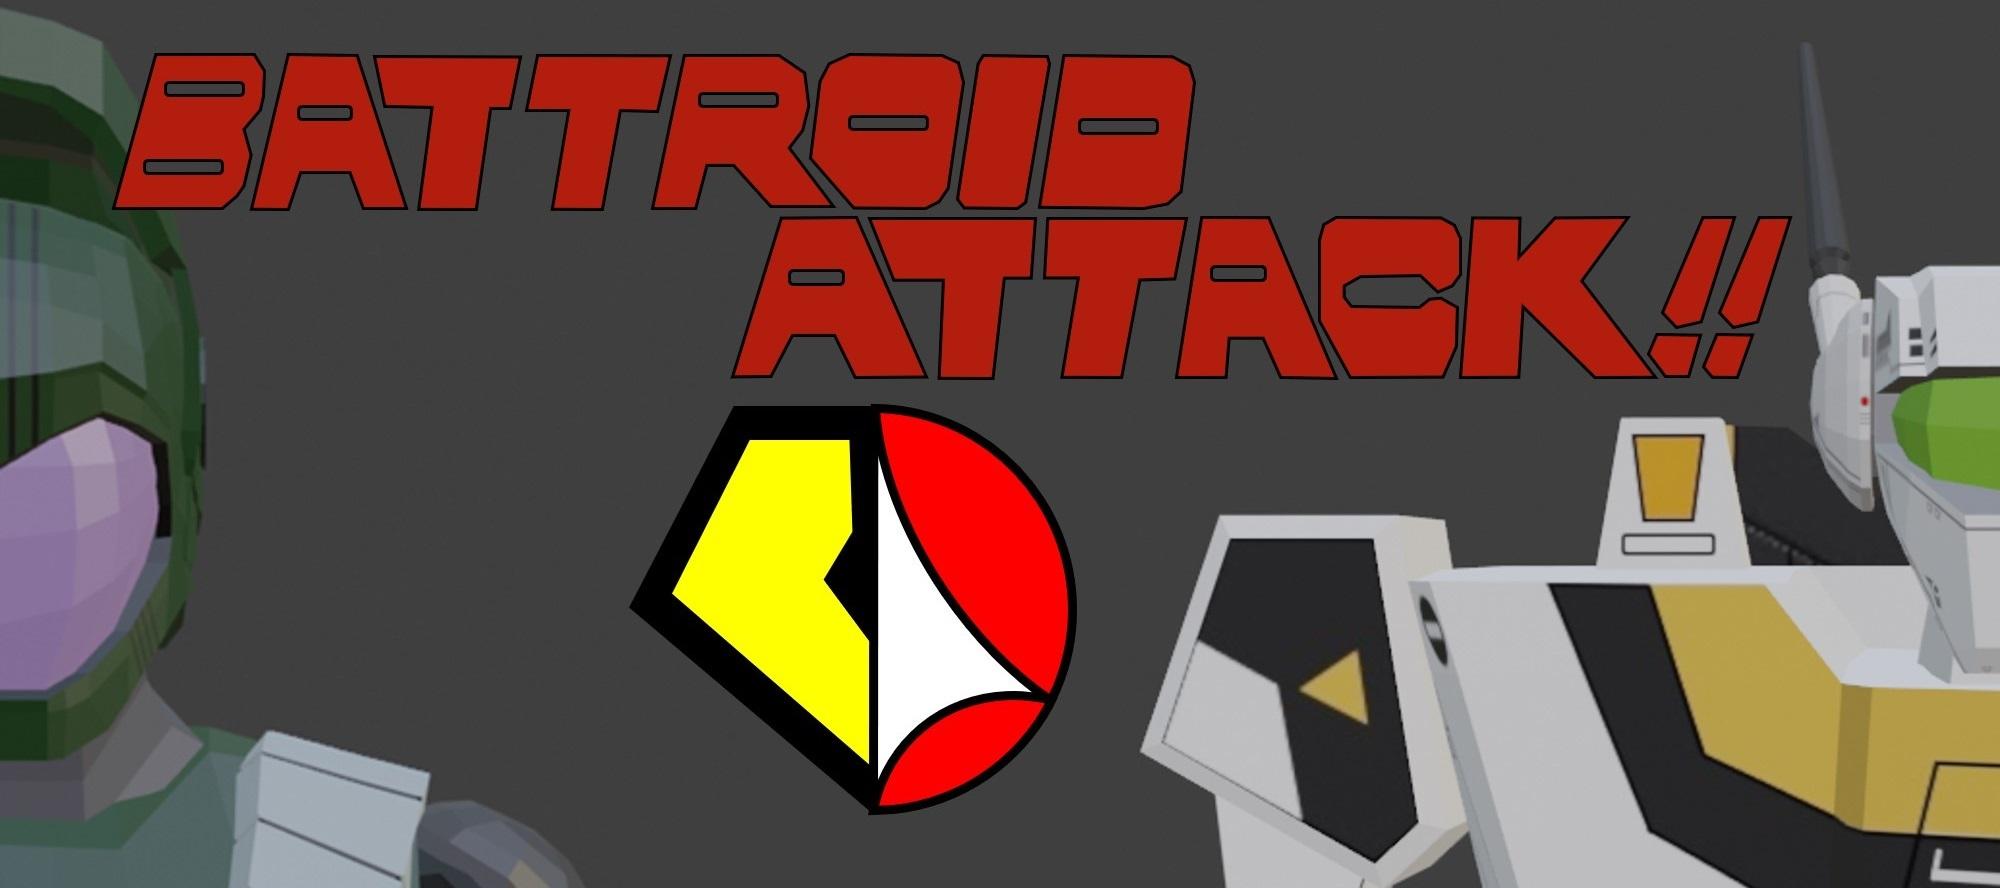 Battroid Attack